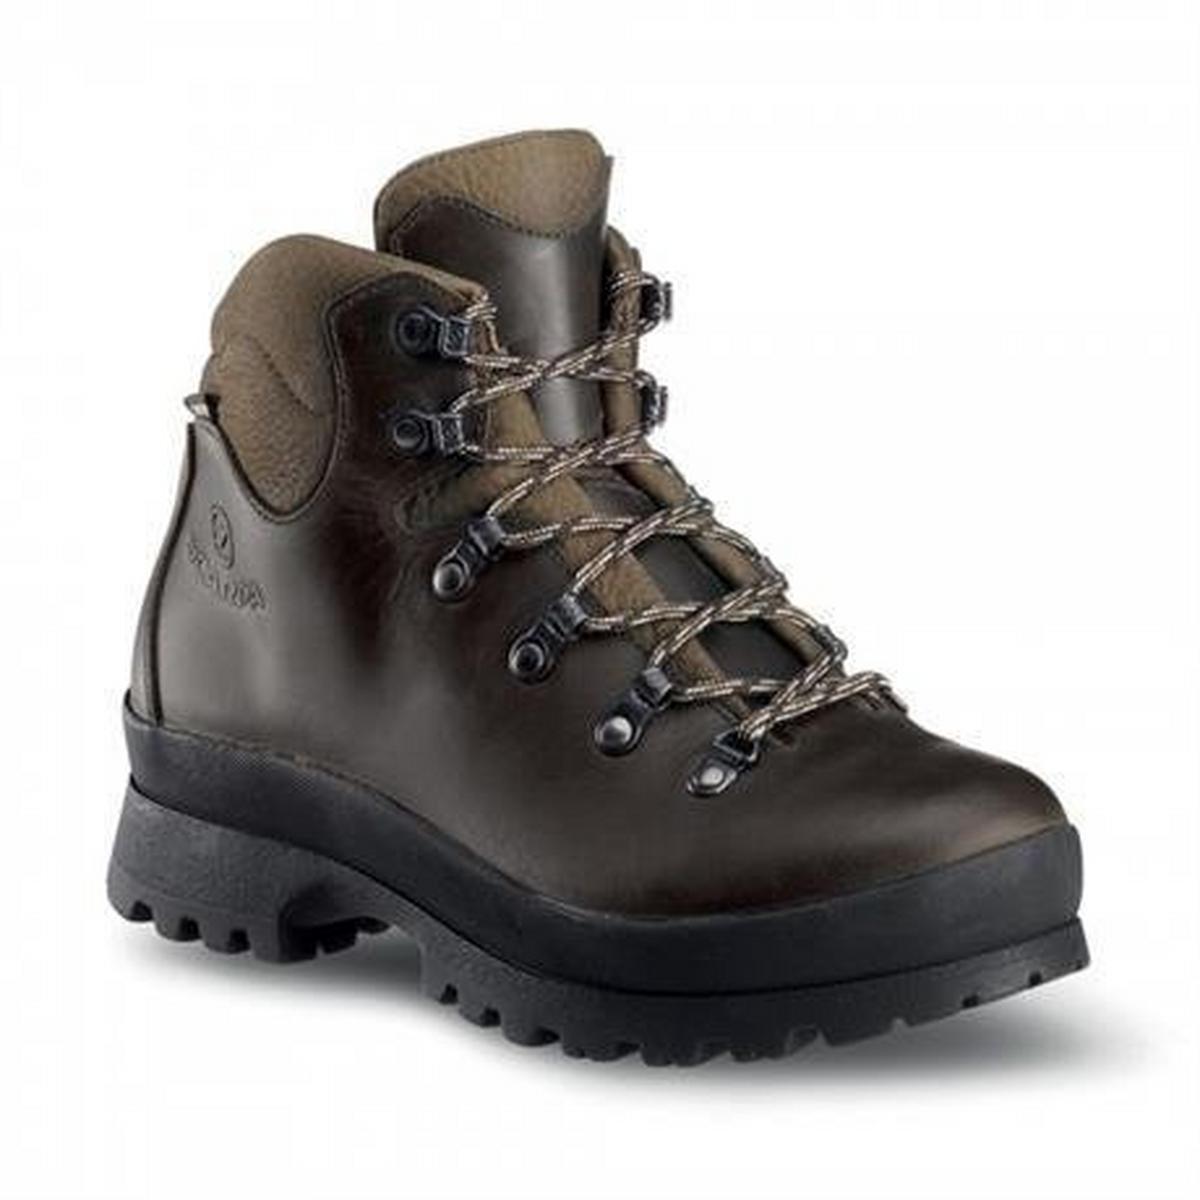 Scarpa Boots Women's Ranger Activ Lite GTX Dark Brown